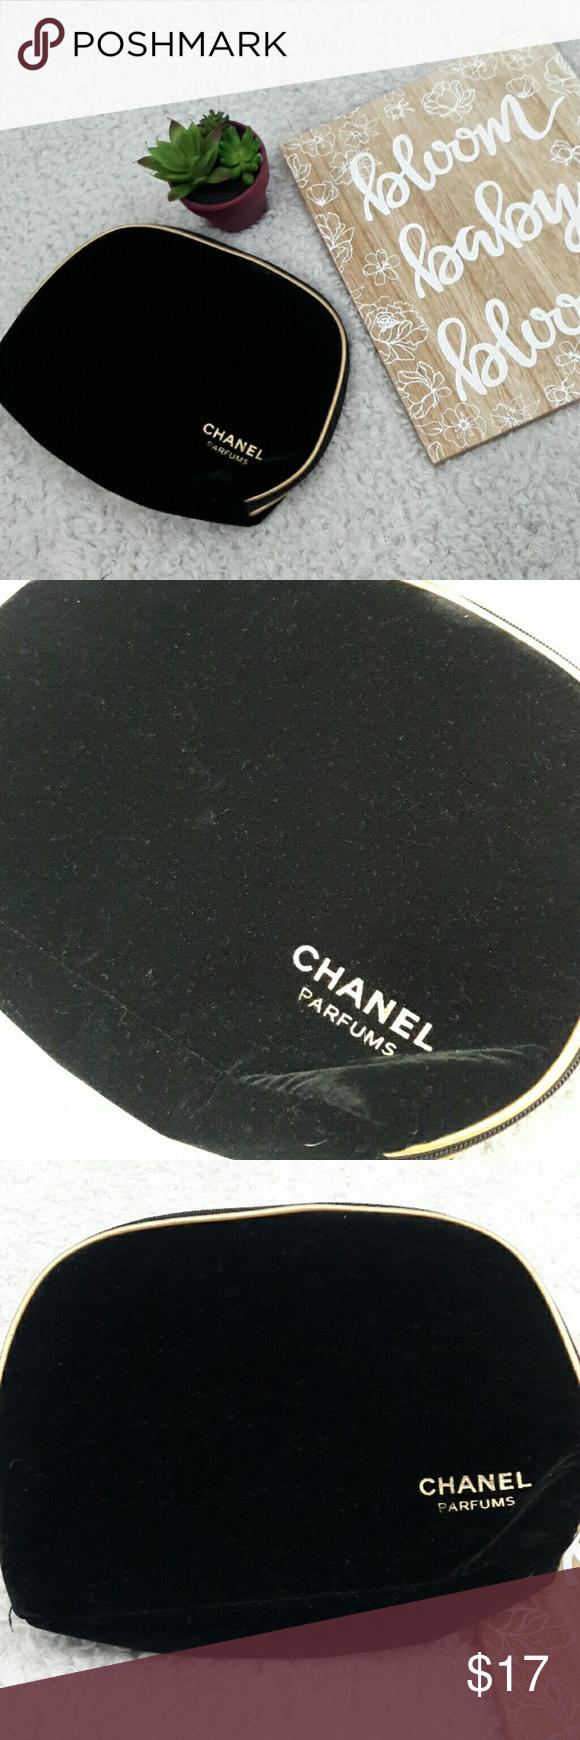 Limited edition Velvet CHANEL makeup bag Chanel makeup